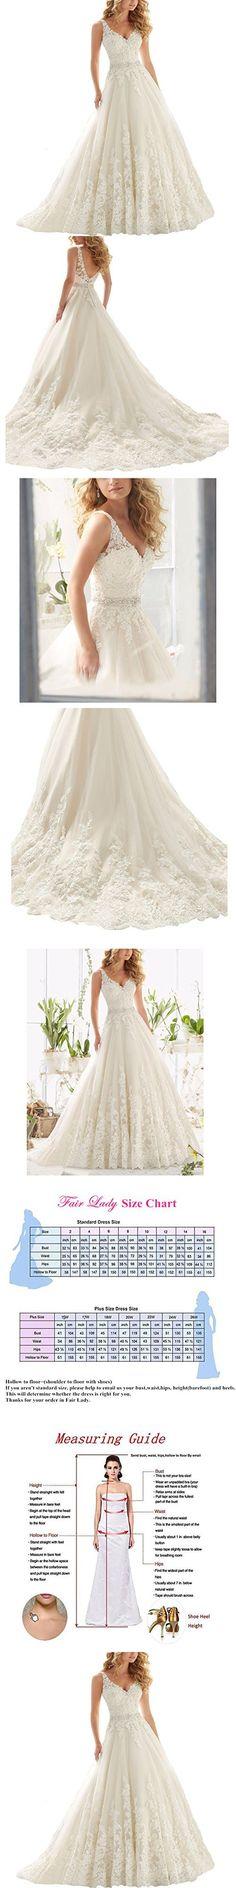 Fair Lady Women's Double V-Neck Lace Applique Empire Chapel Train Wedding Dress White 8